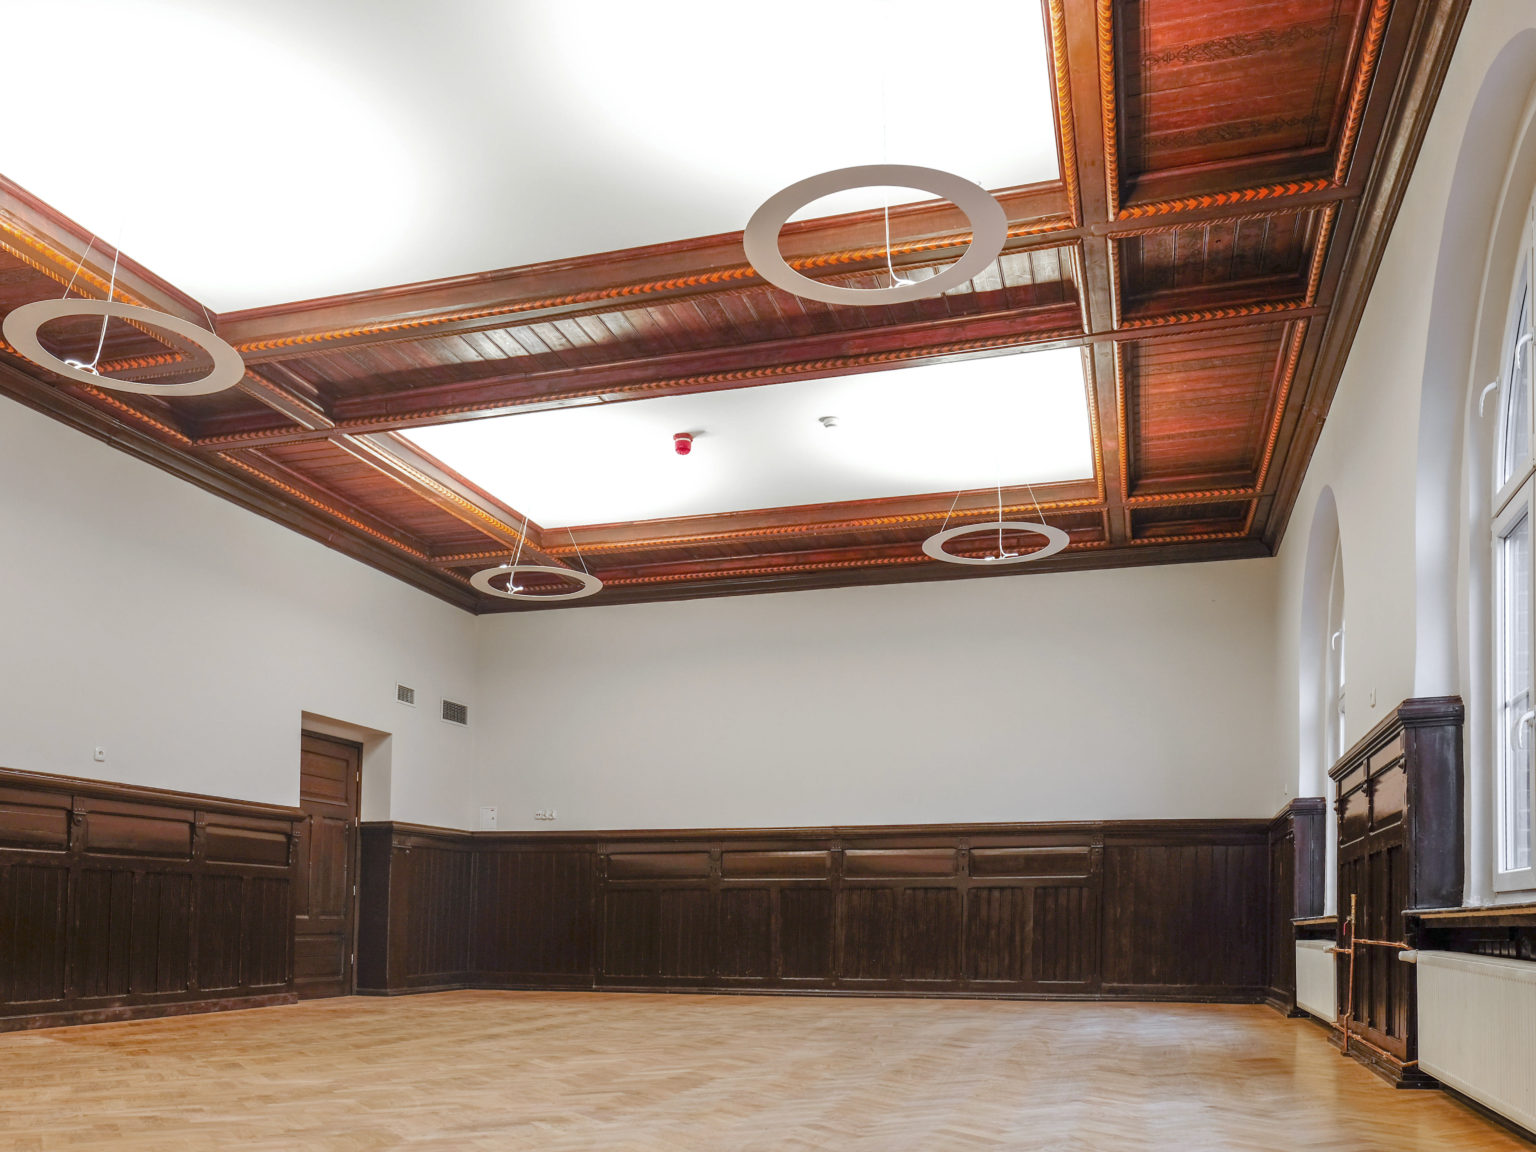 Zdjęcie przedstawiające pomieszczenie w budynku przy ul. Dąbrowskiego 7